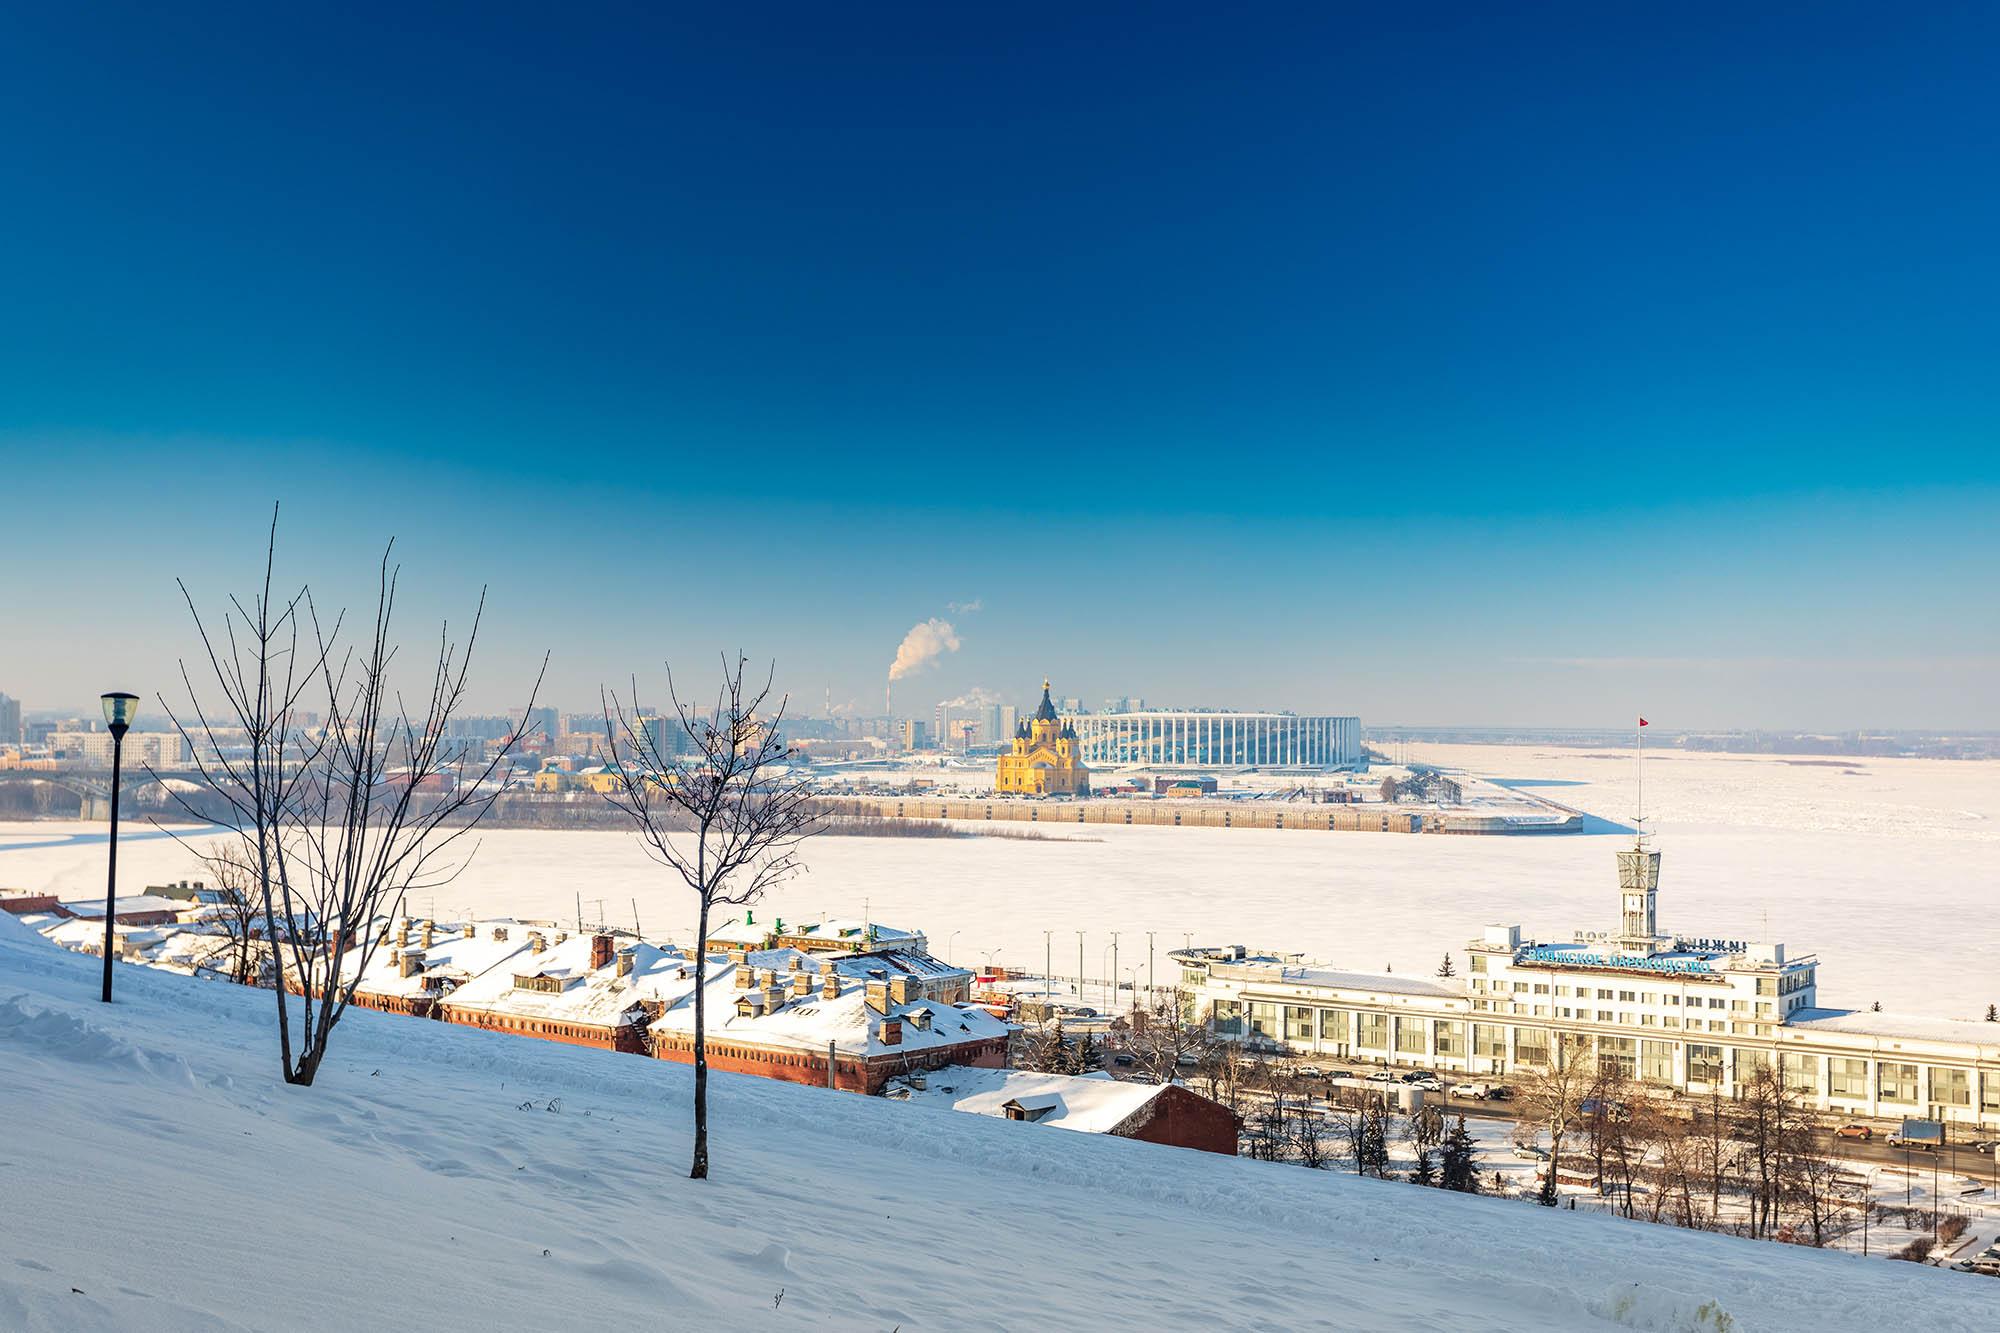 Нижний Новгород вошел в топ-10 популярных городов для романтических путешествий